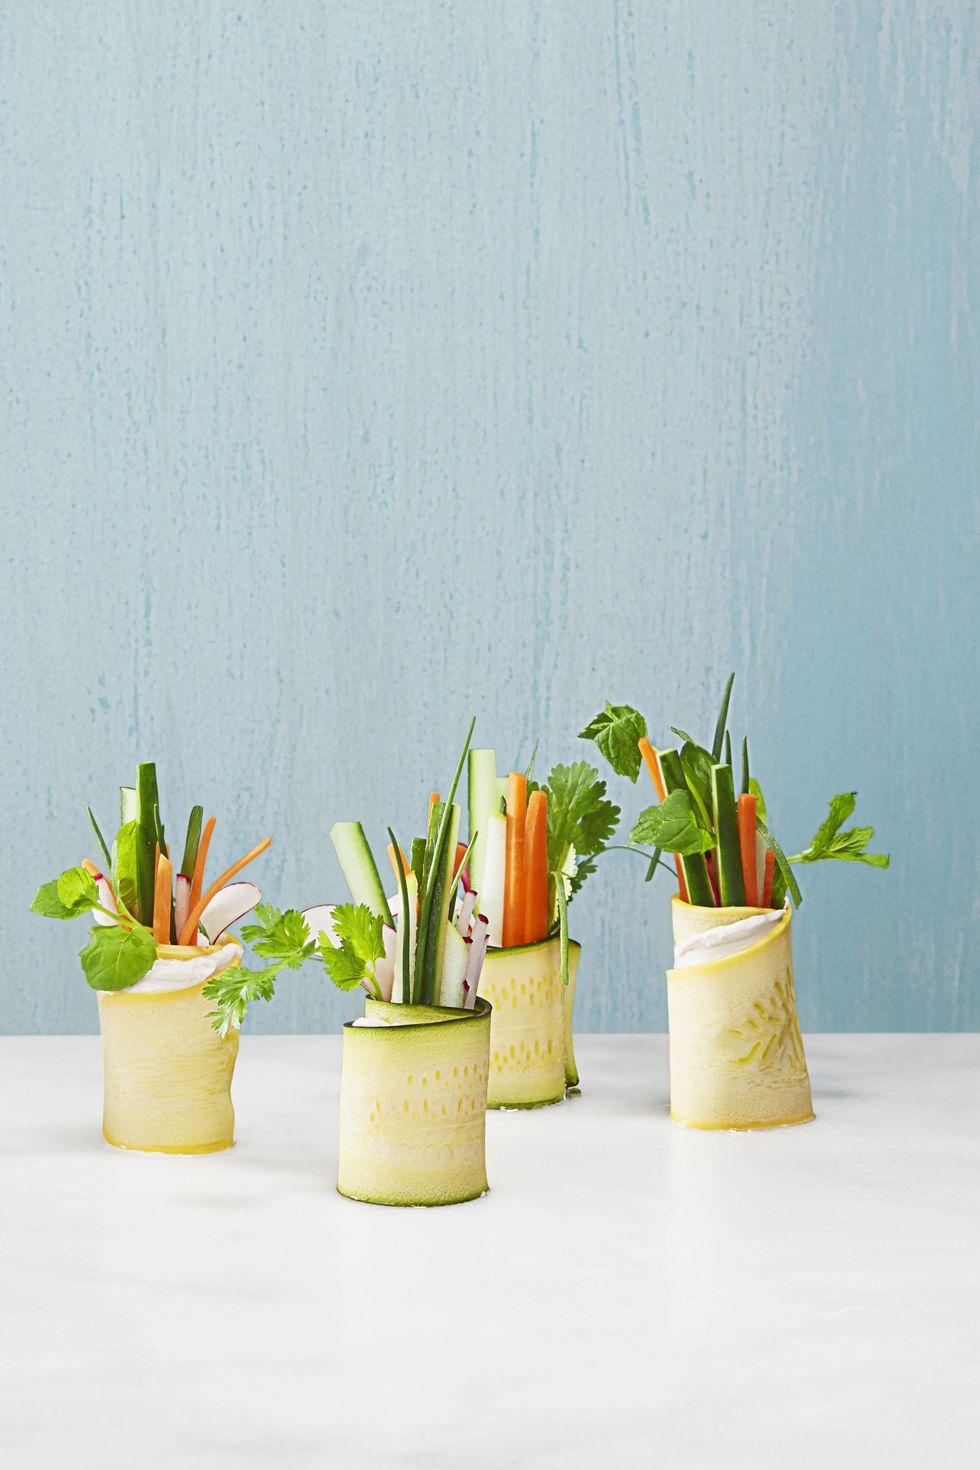 rollos de calabacin con vegetales, ideas de entrantes veganos fáciles y rápidos, rollos frescos y originales para sorprender a tus familiares